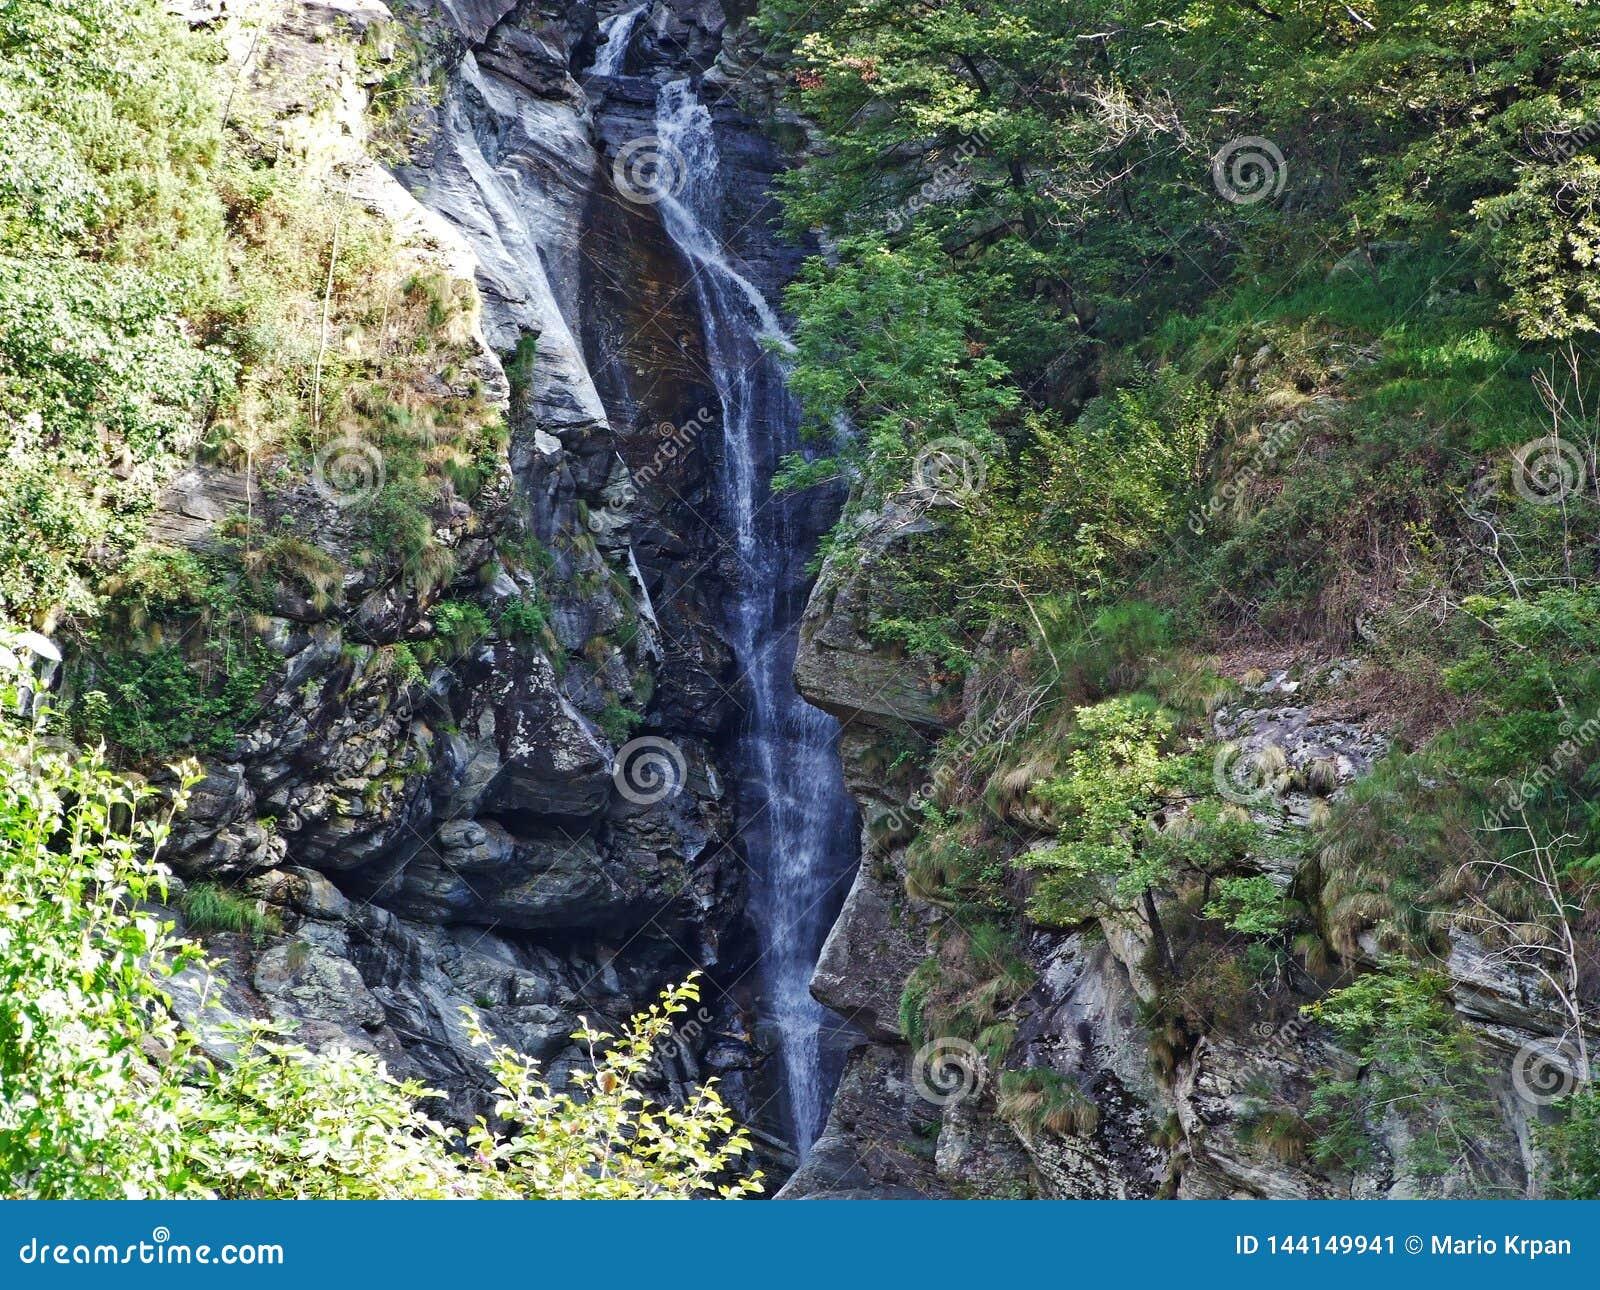 De waterval van Giumaglio of La-cascata Di Giumaglio in Vallemaggia, Magische Vallei of Valle Magia Valle Maggia